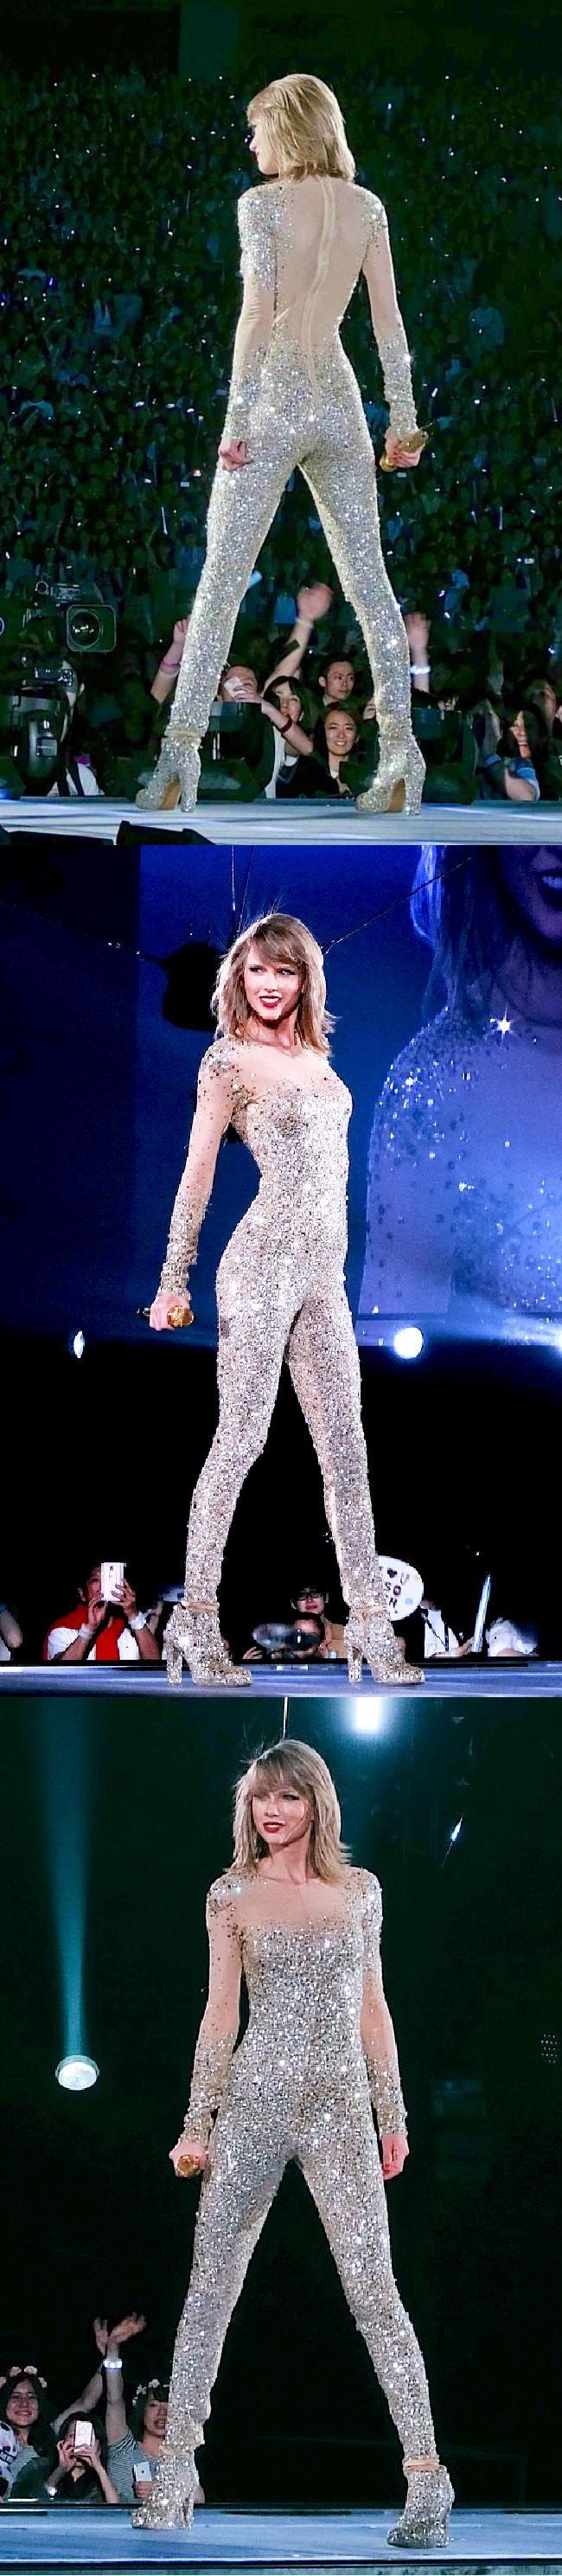 Taylor Swift @taylorswift13 @taylorswift #taylorswift --- 1989 tour #legs #tuchus